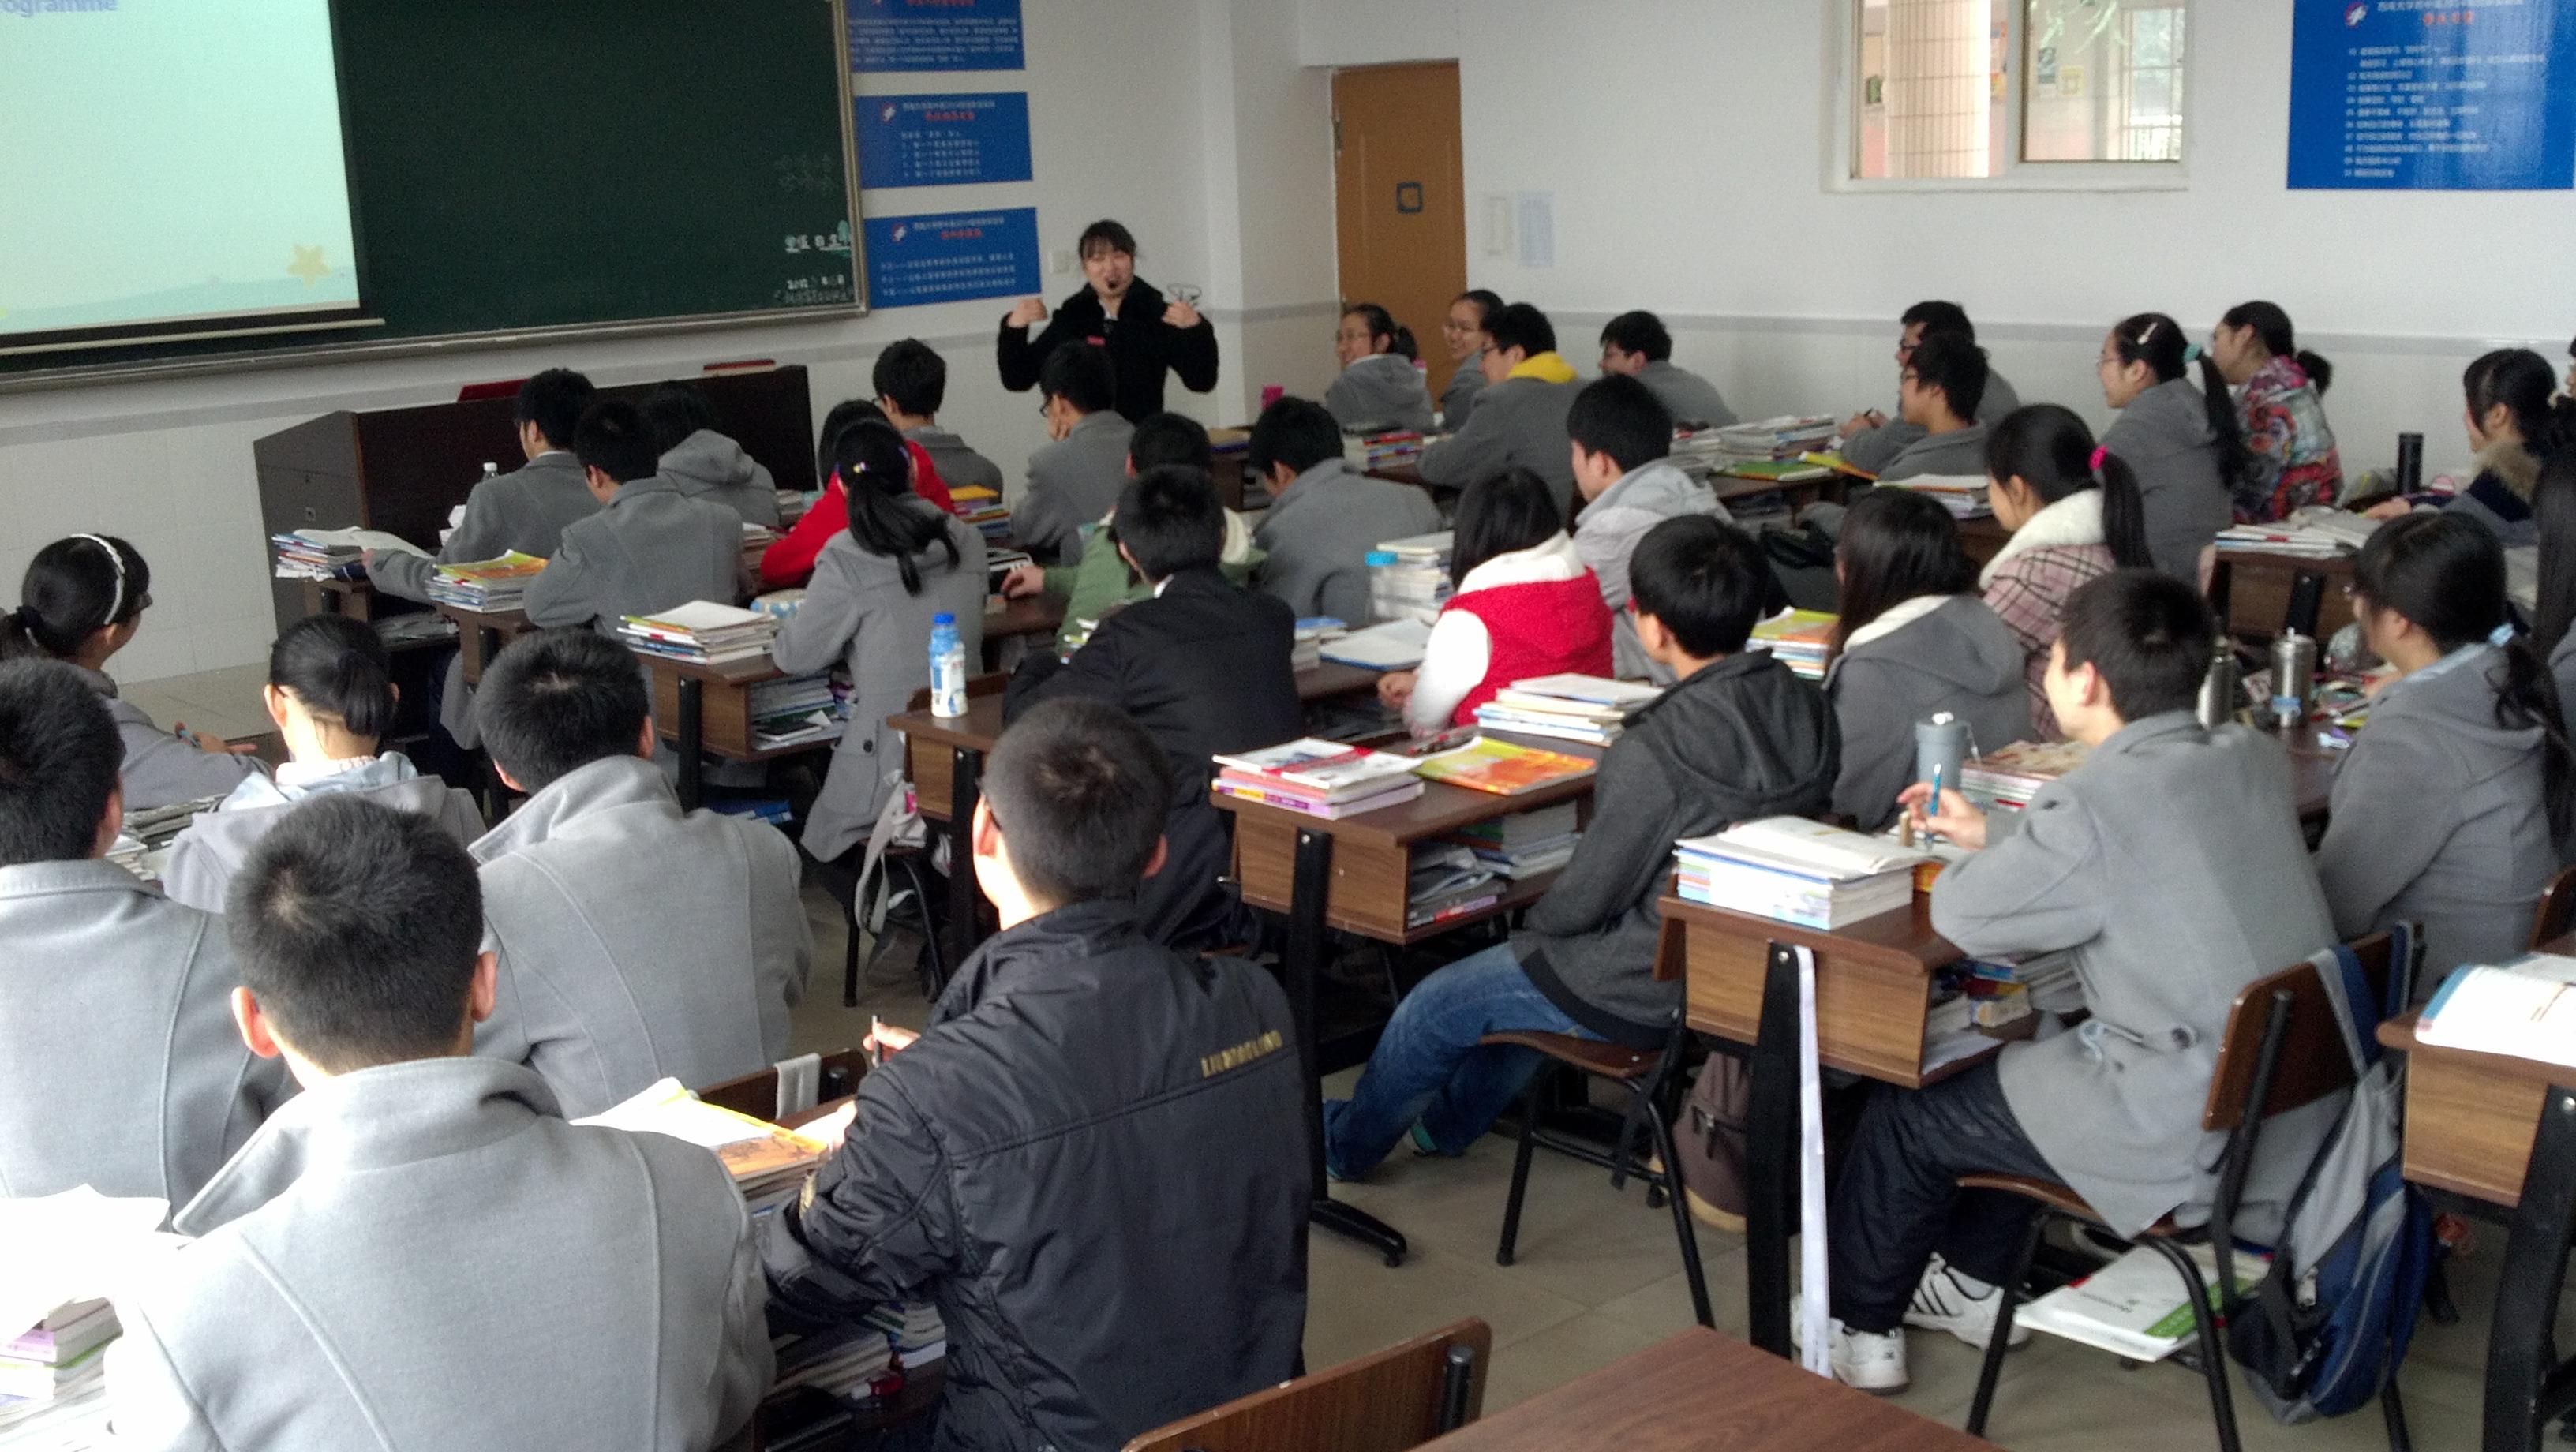 kineski srednjoskolci